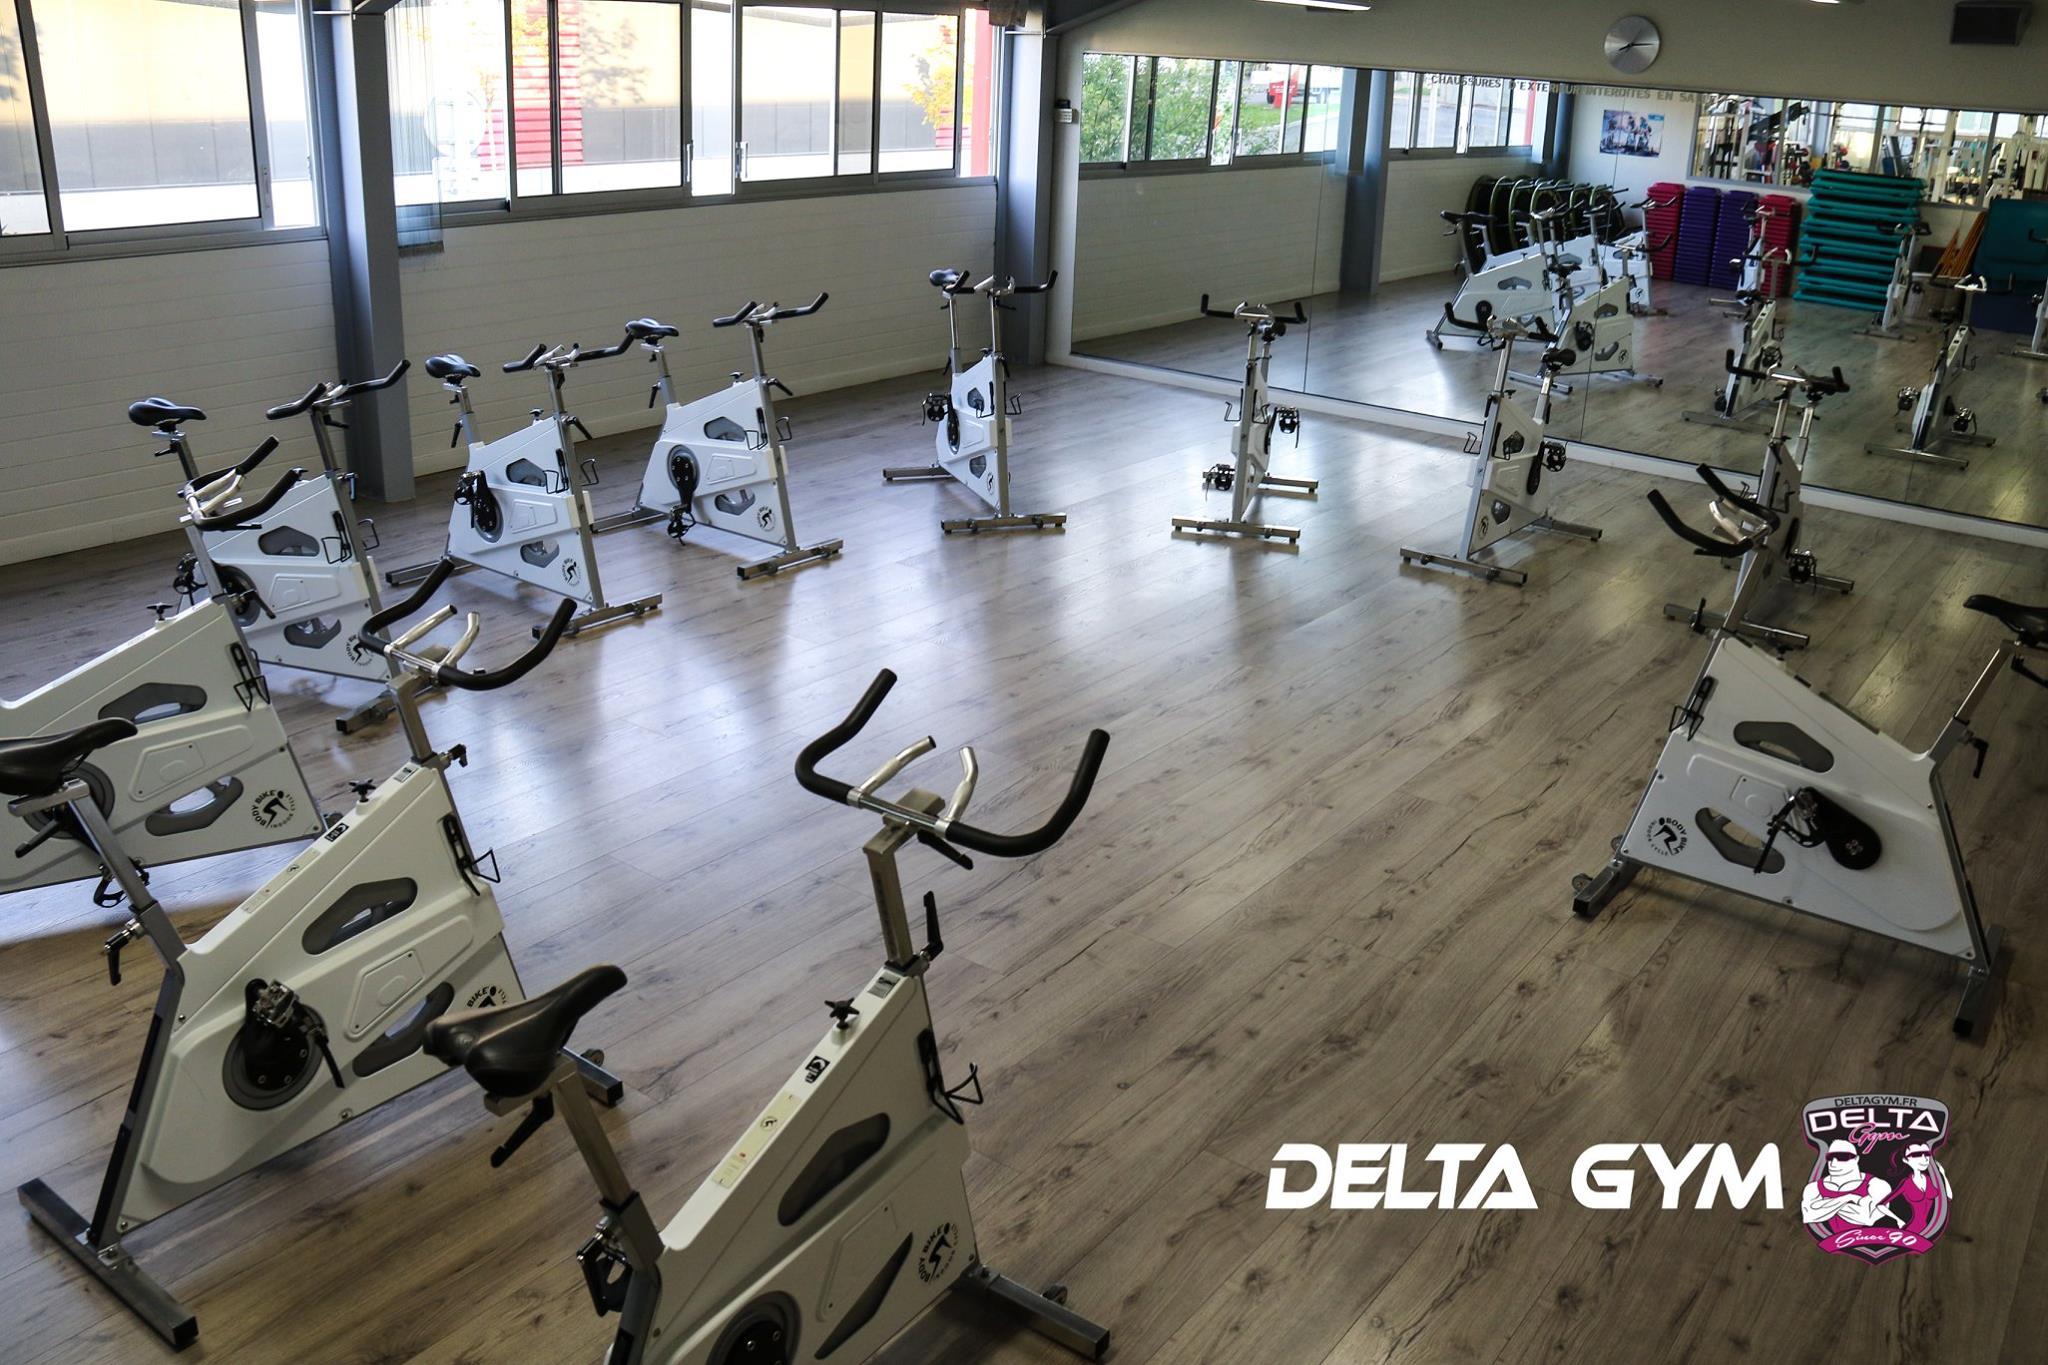 Delta Gym Salle De Fitness Et Musculation A Anthy Sur Leman